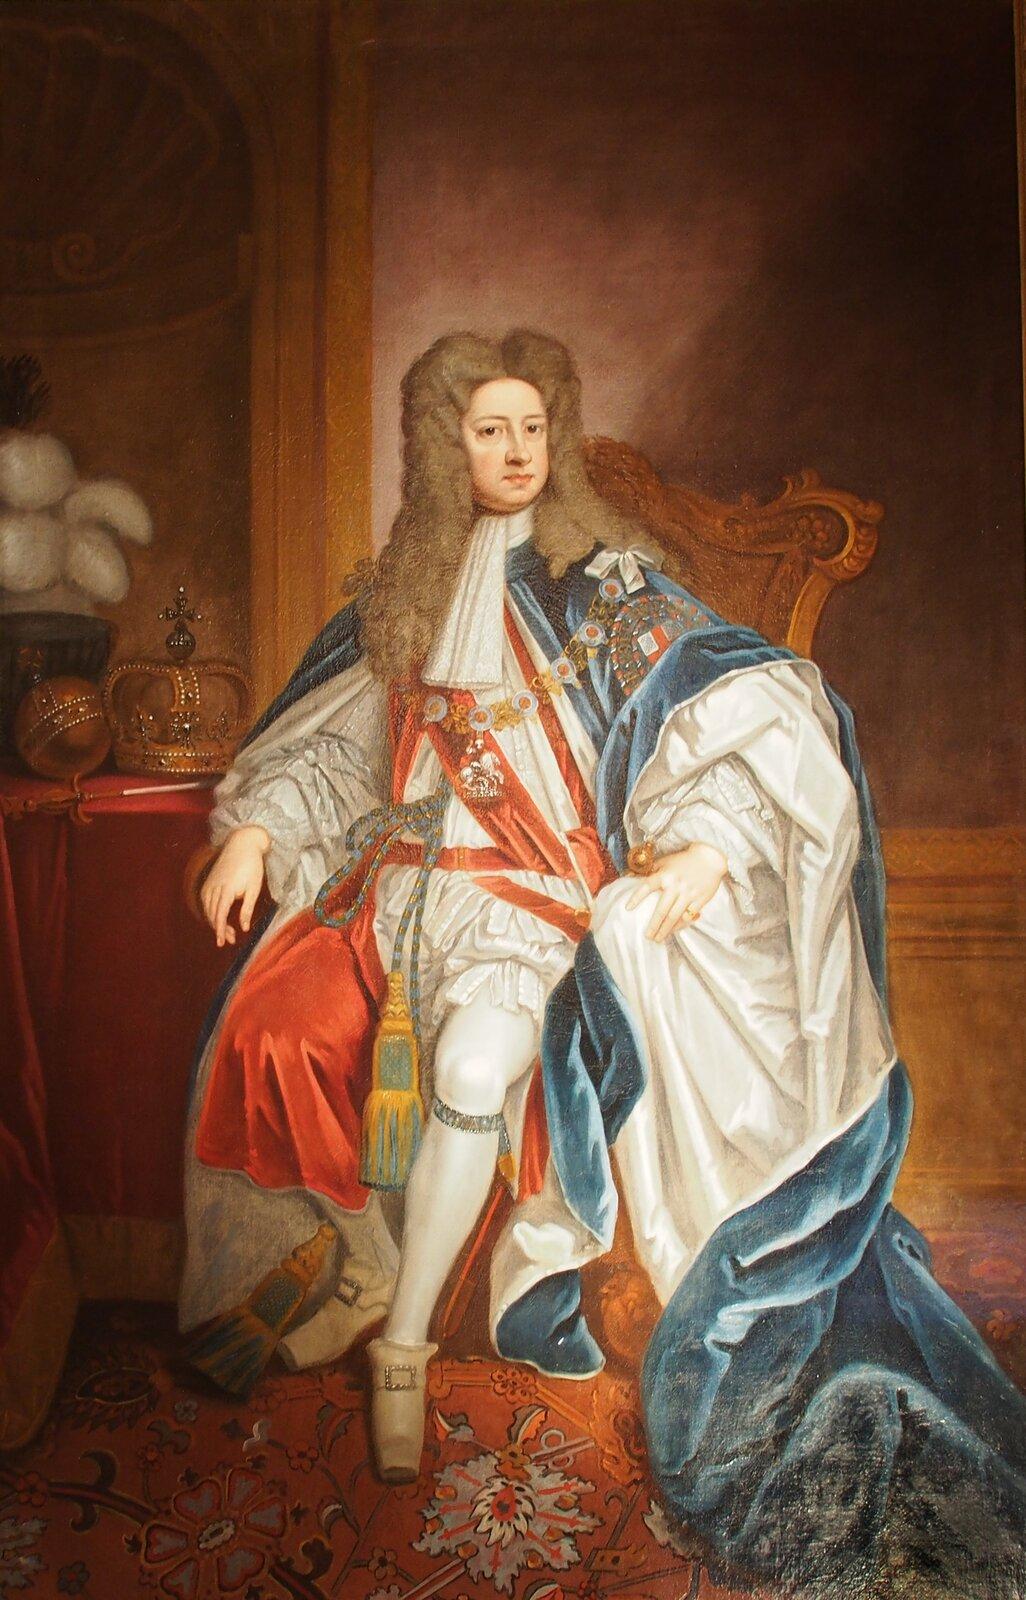 """Jerzy,książę Hanoweru, przyszły król Anglii Jerzy I; portret zok. 1701 r. namalowany przez znanego portrecistę Godfreya Knellera.W1701 r. wAnglii wydano """"Akt osukcesji"""" (Act of Settelment). Jerzy,książę Hanoweru, przyszły król Anglii Jerzy I; portret zok. 1701 r. namalowany przez znanego portrecistę Godfreya Knellera.W1701 r. wAnglii wydano """"Akt osukcesji"""" (Act of Settelment). Źródło: Godfrey Kneller, XIX w., olej na płótnie, Residenzmuseum im Celler Schloss, domena publiczna."""